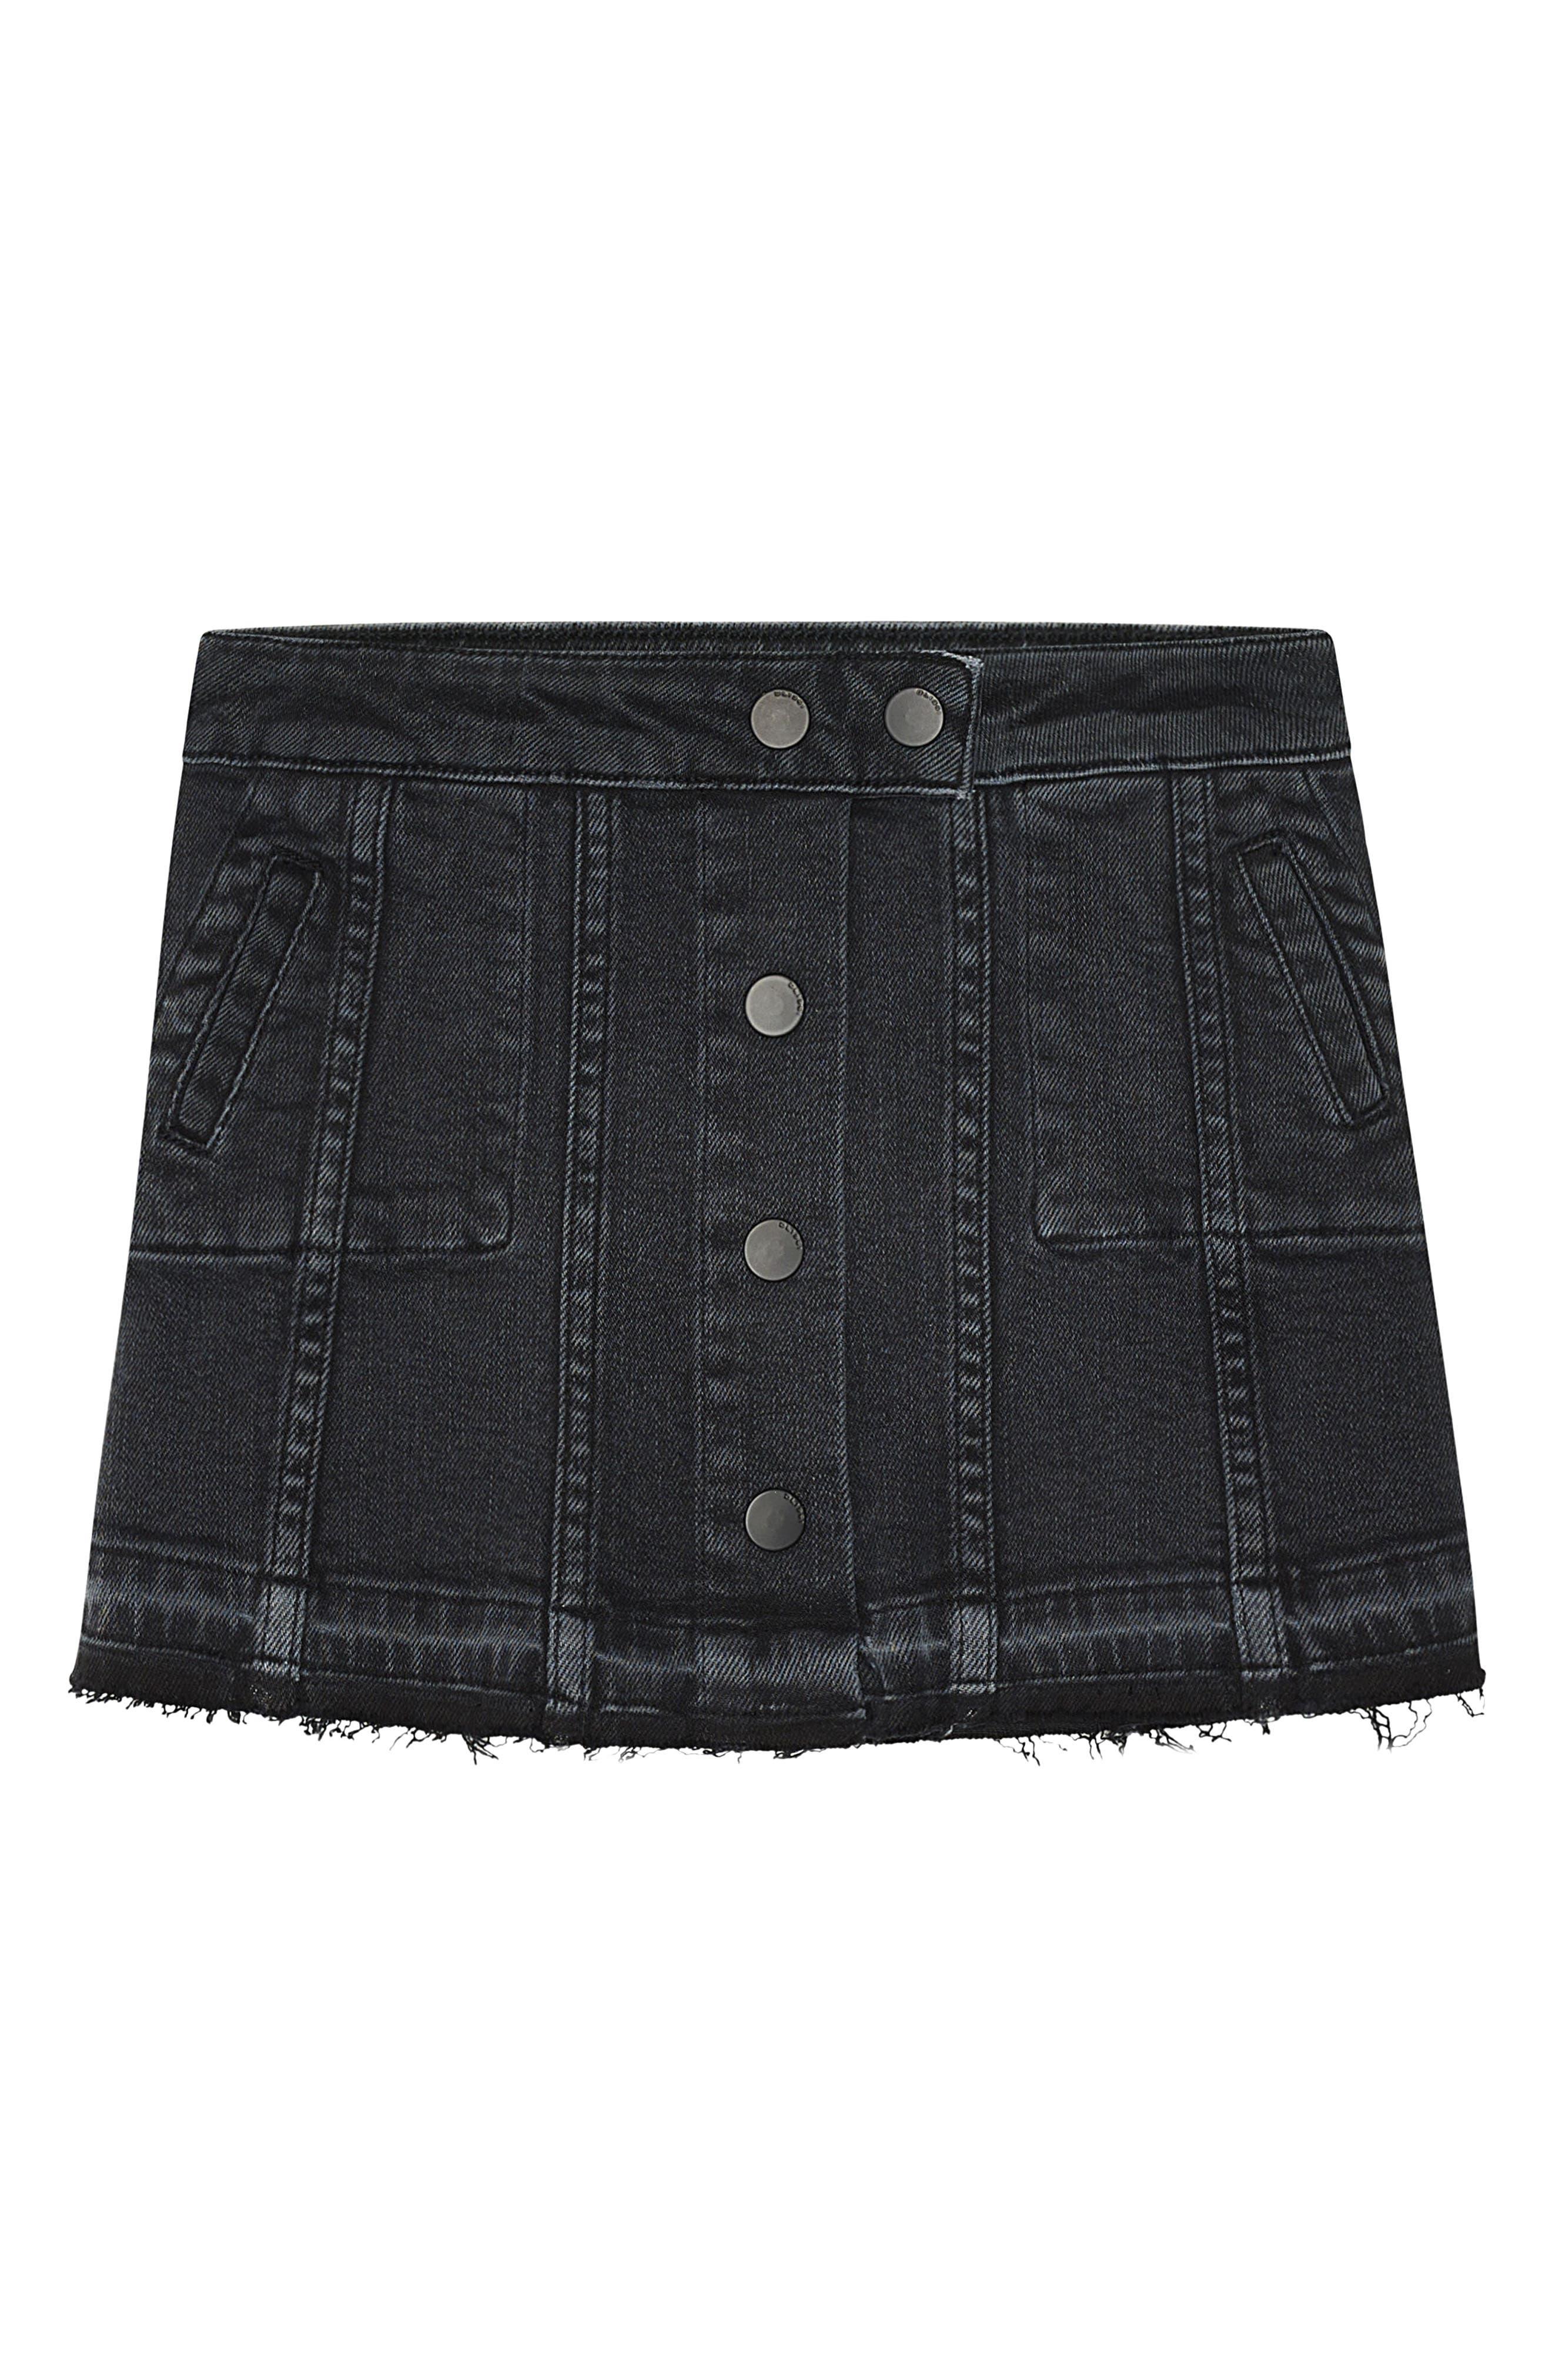 Jenny Cutoff Denim Skirt,                         Main,                         color, Lightning